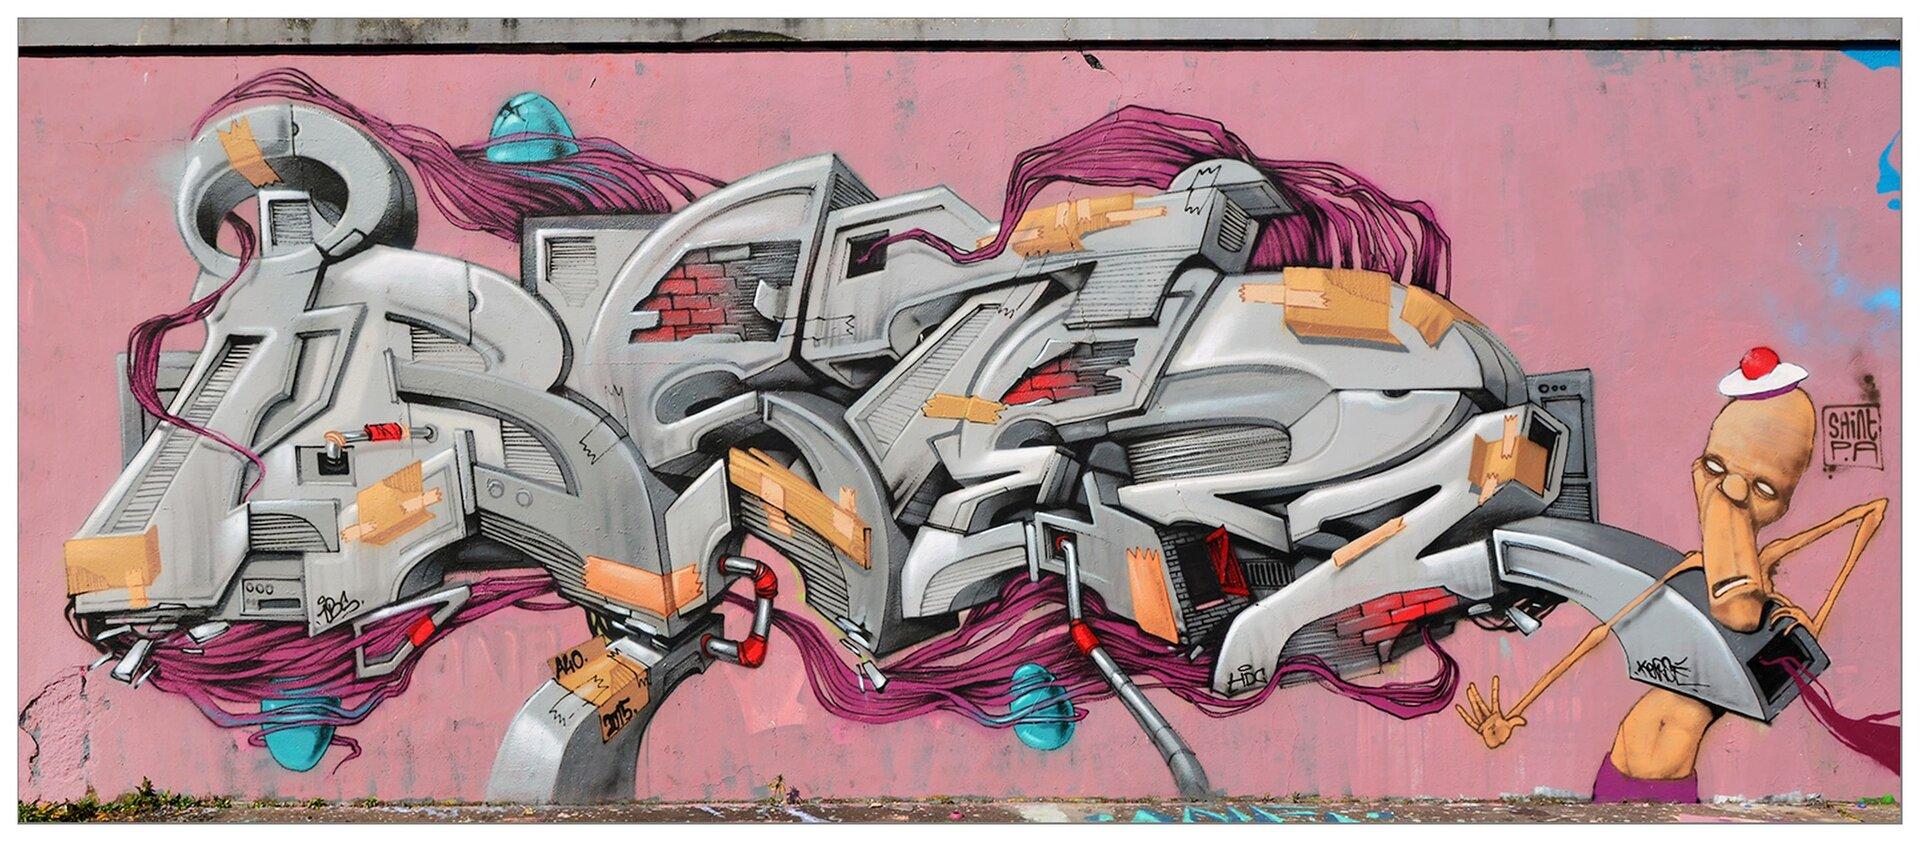 Zdjęcie przedstawia graffiti namalowane na różowej ścianie. Graffiti ukazuje szary napis wzbogacony innymi elementami graficznymi, zprawej strony znajduje się postać łysego, półnagiego mężczyzny zberetem na głowie.